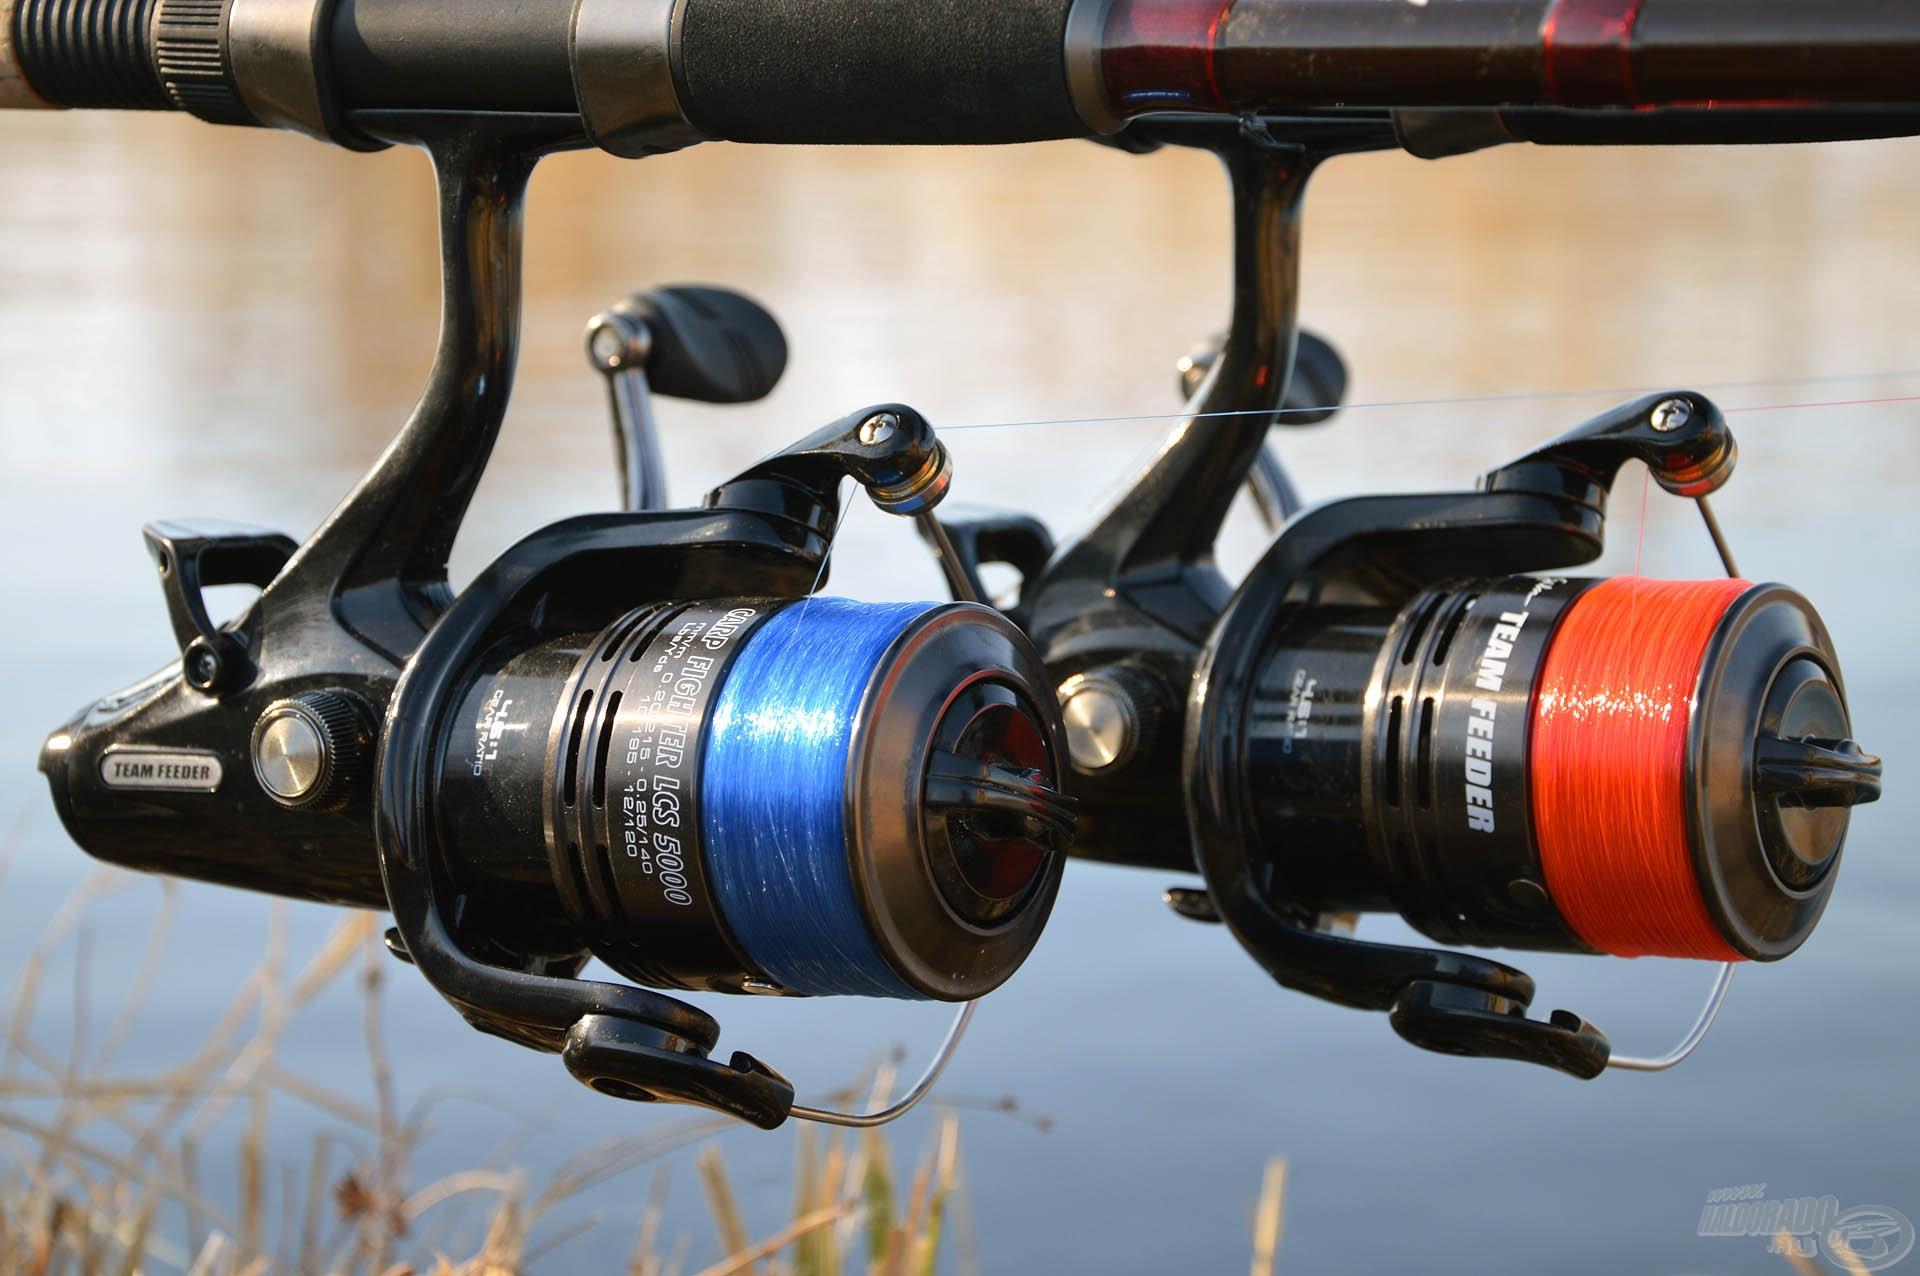 Nemcsak hatékony velük a horgászat, hanem orsóinkon is igen mutatós elemek